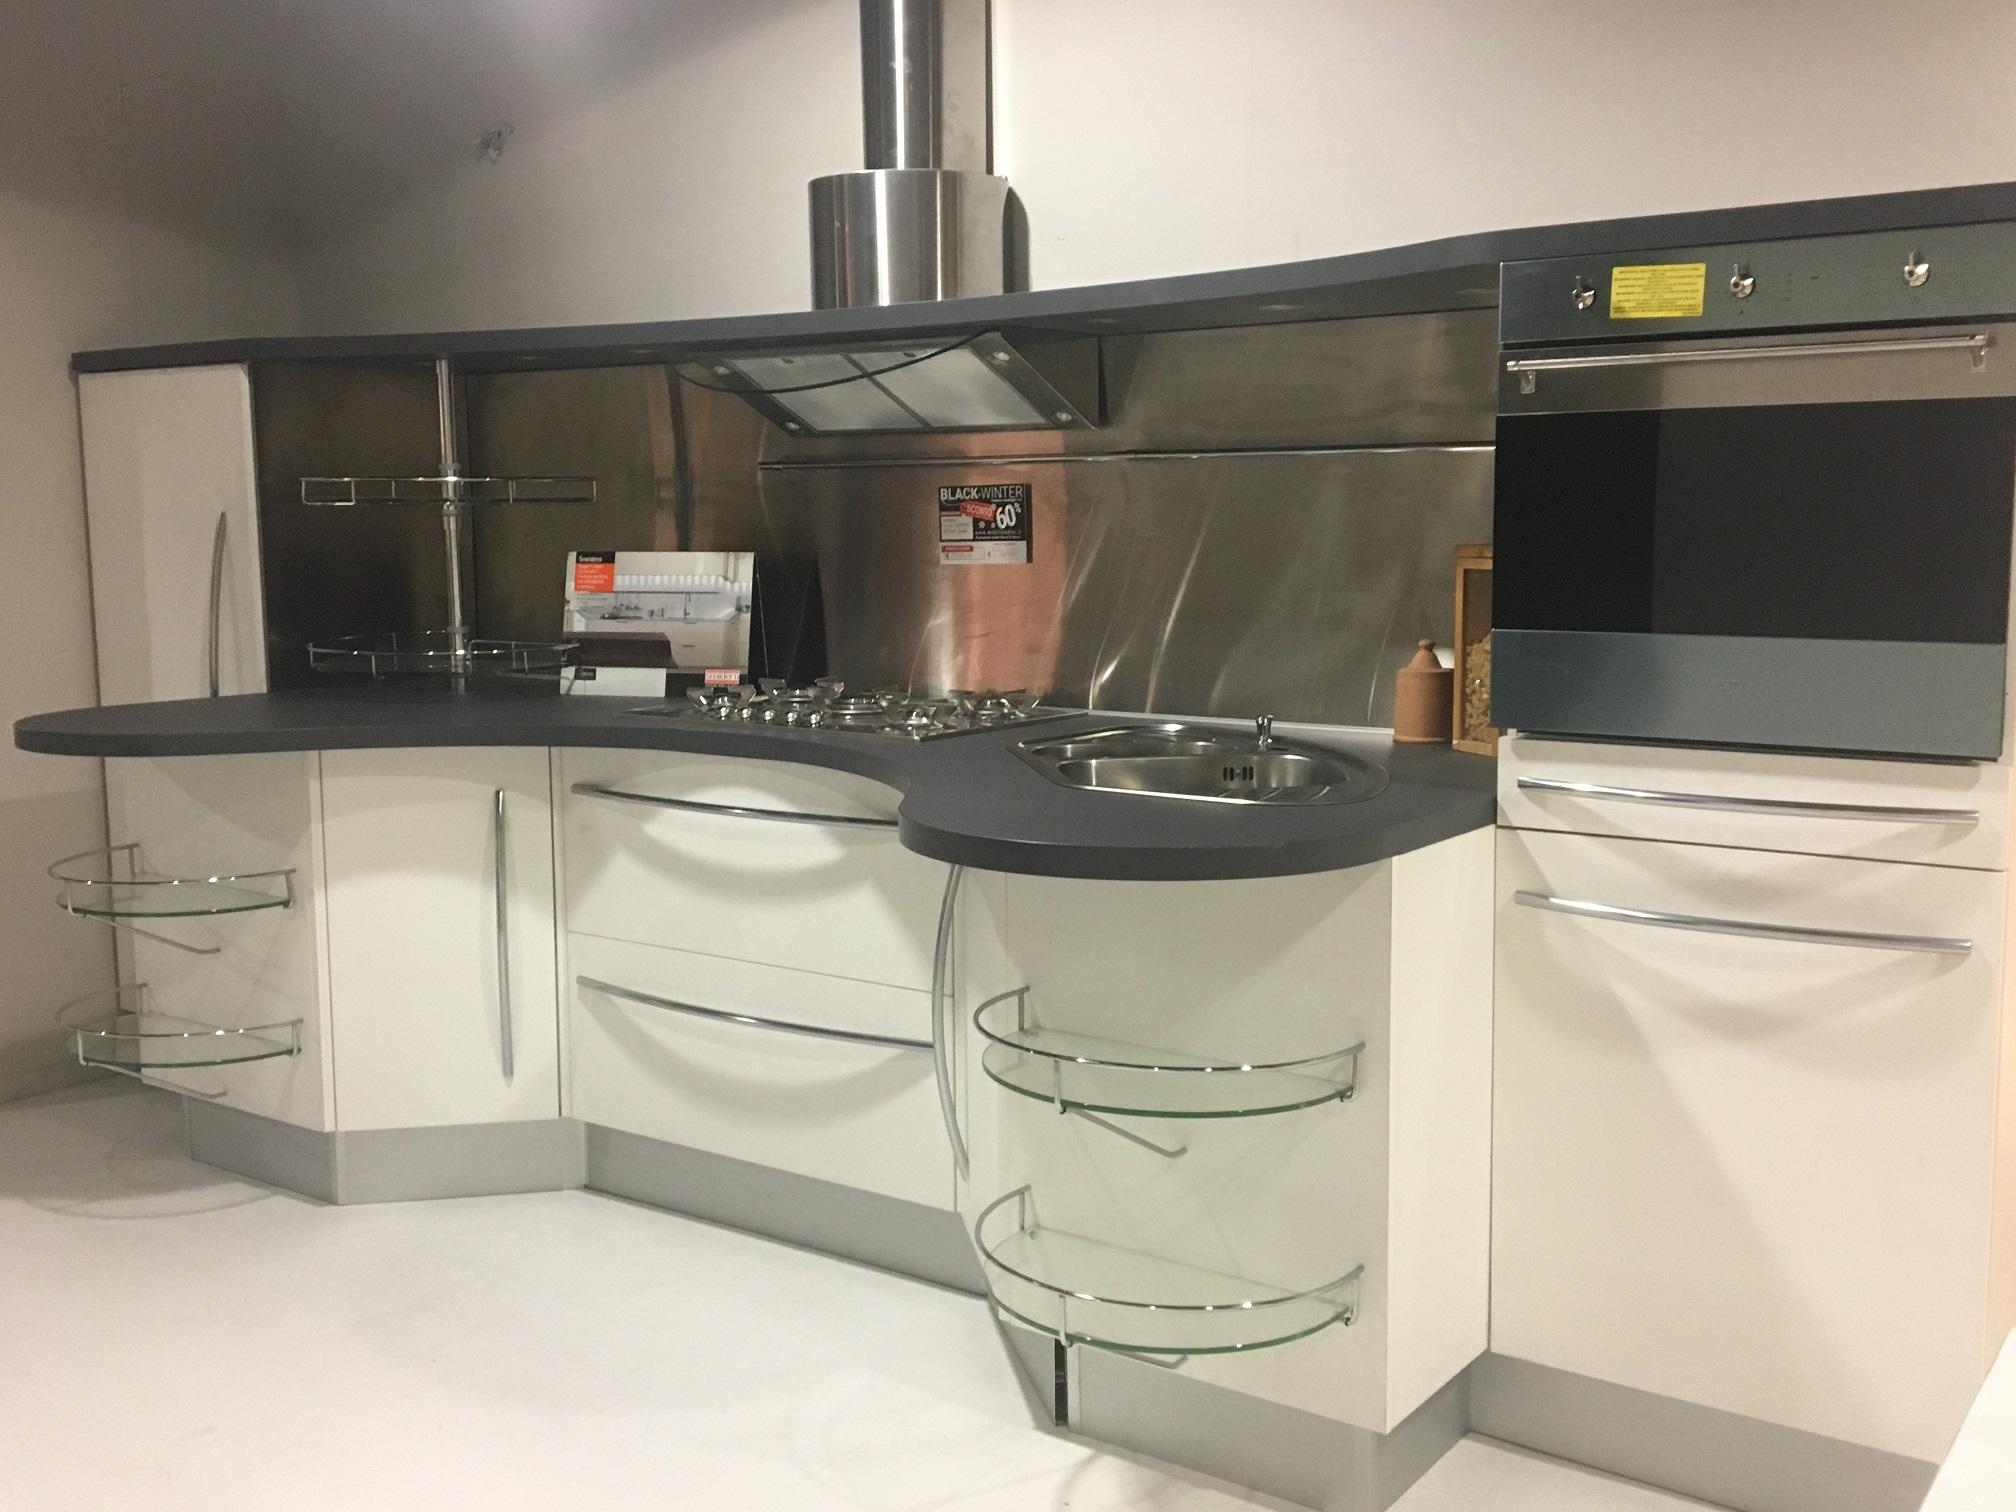 Cucina Snaidero Skyline sconto 60% Design - Cucine a prezzi scontati